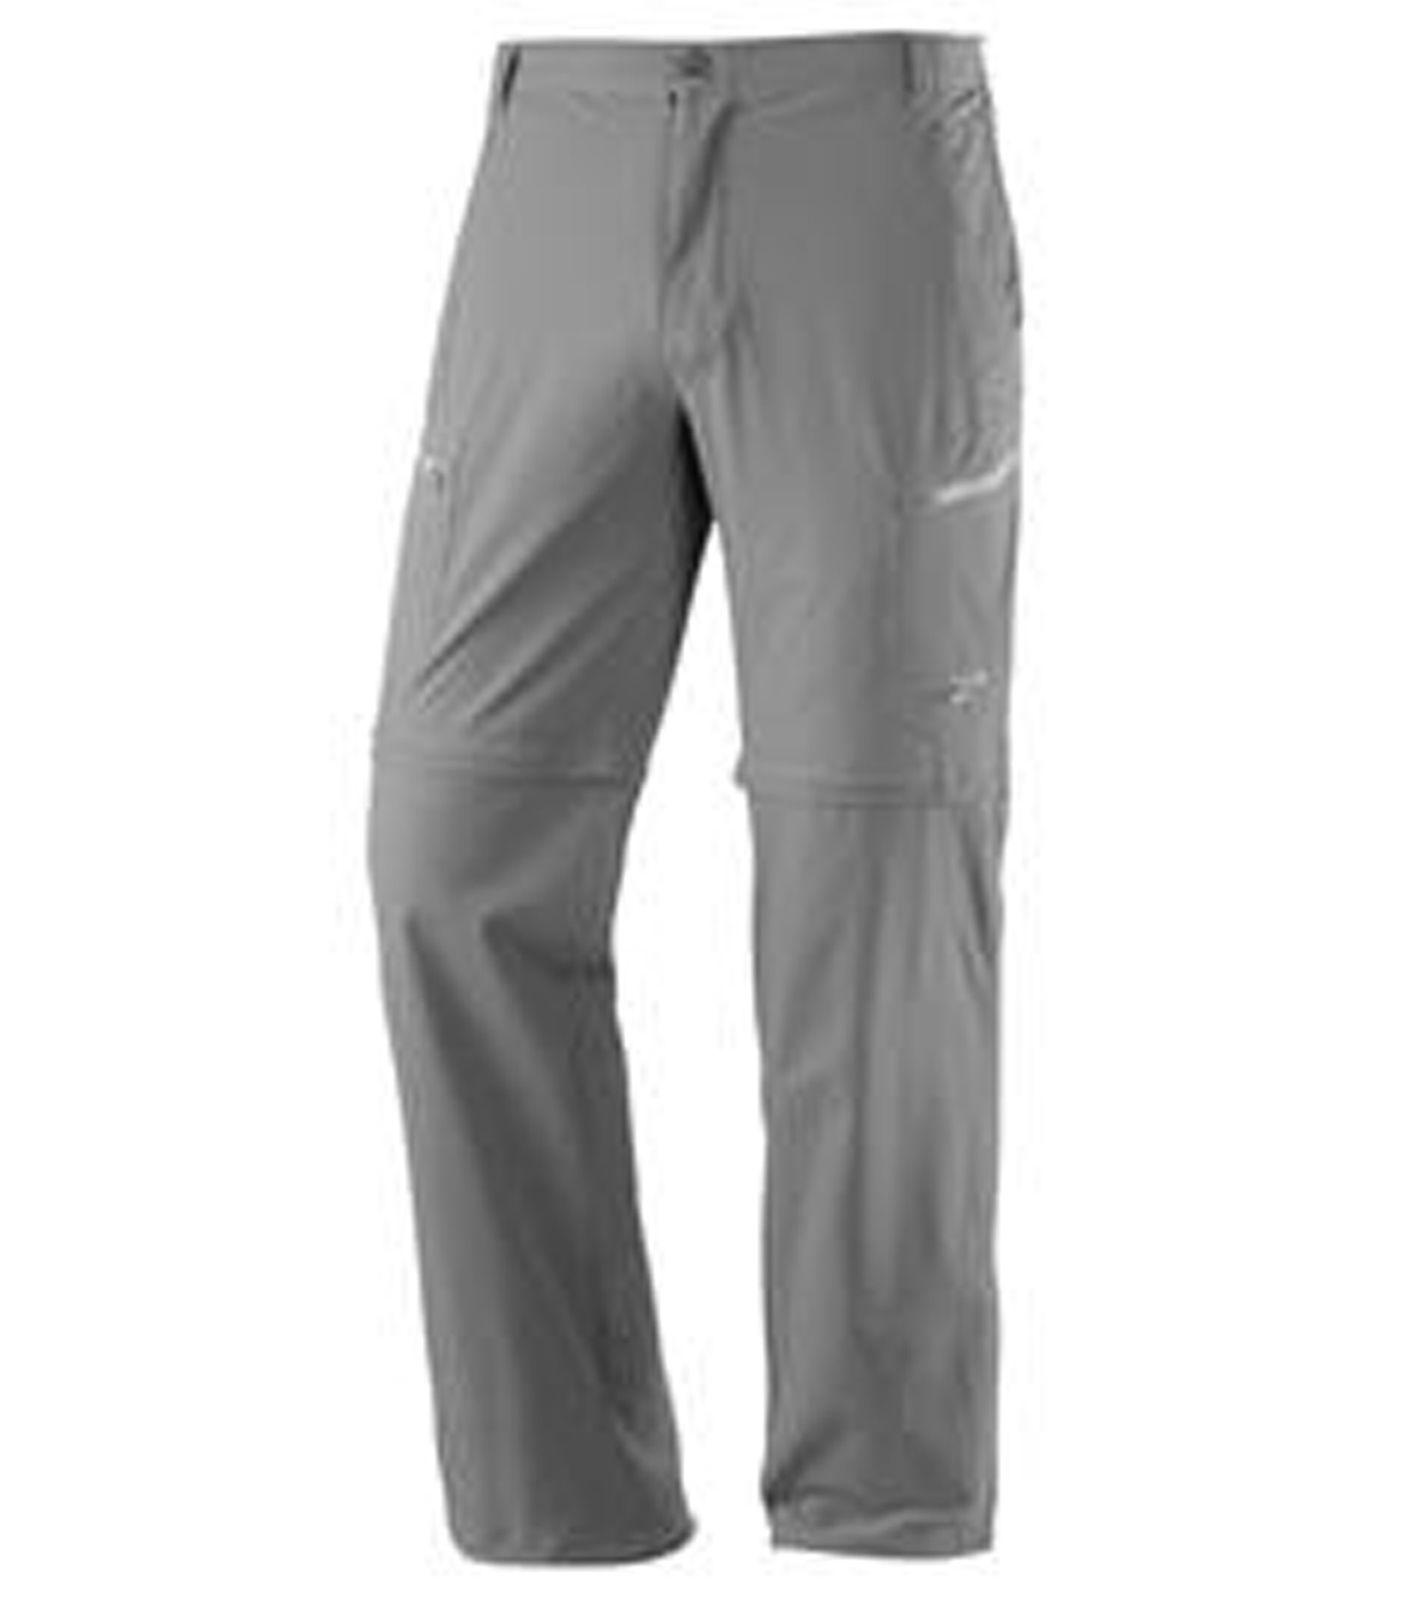 Discounter begrenzte garantie online zu verkaufen OCK Men's Hiking Pants Comfortable Stretch Zipphose Outdoor Trousers Gray |  Outlet46.de - B2B